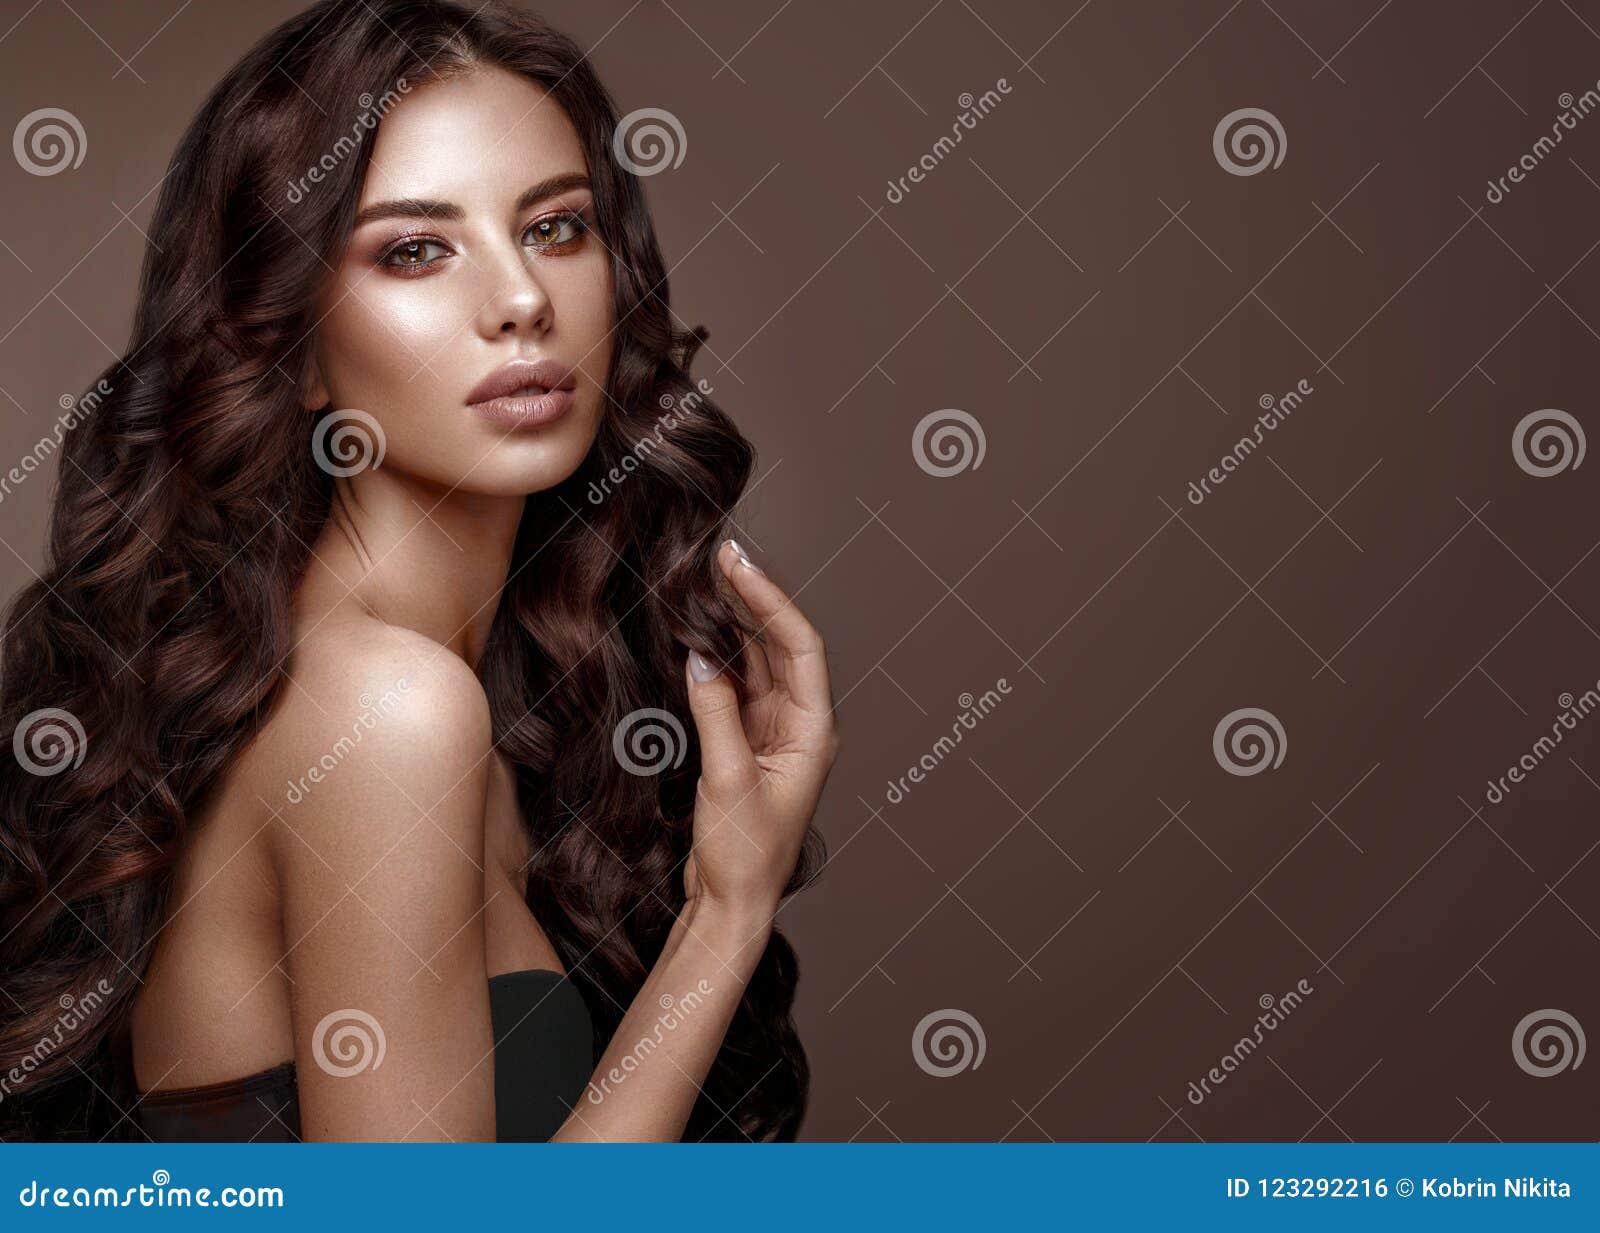 Modelo moreno hermoso: rizos, maquillaje clásico y labios llenos La cara de la belleza